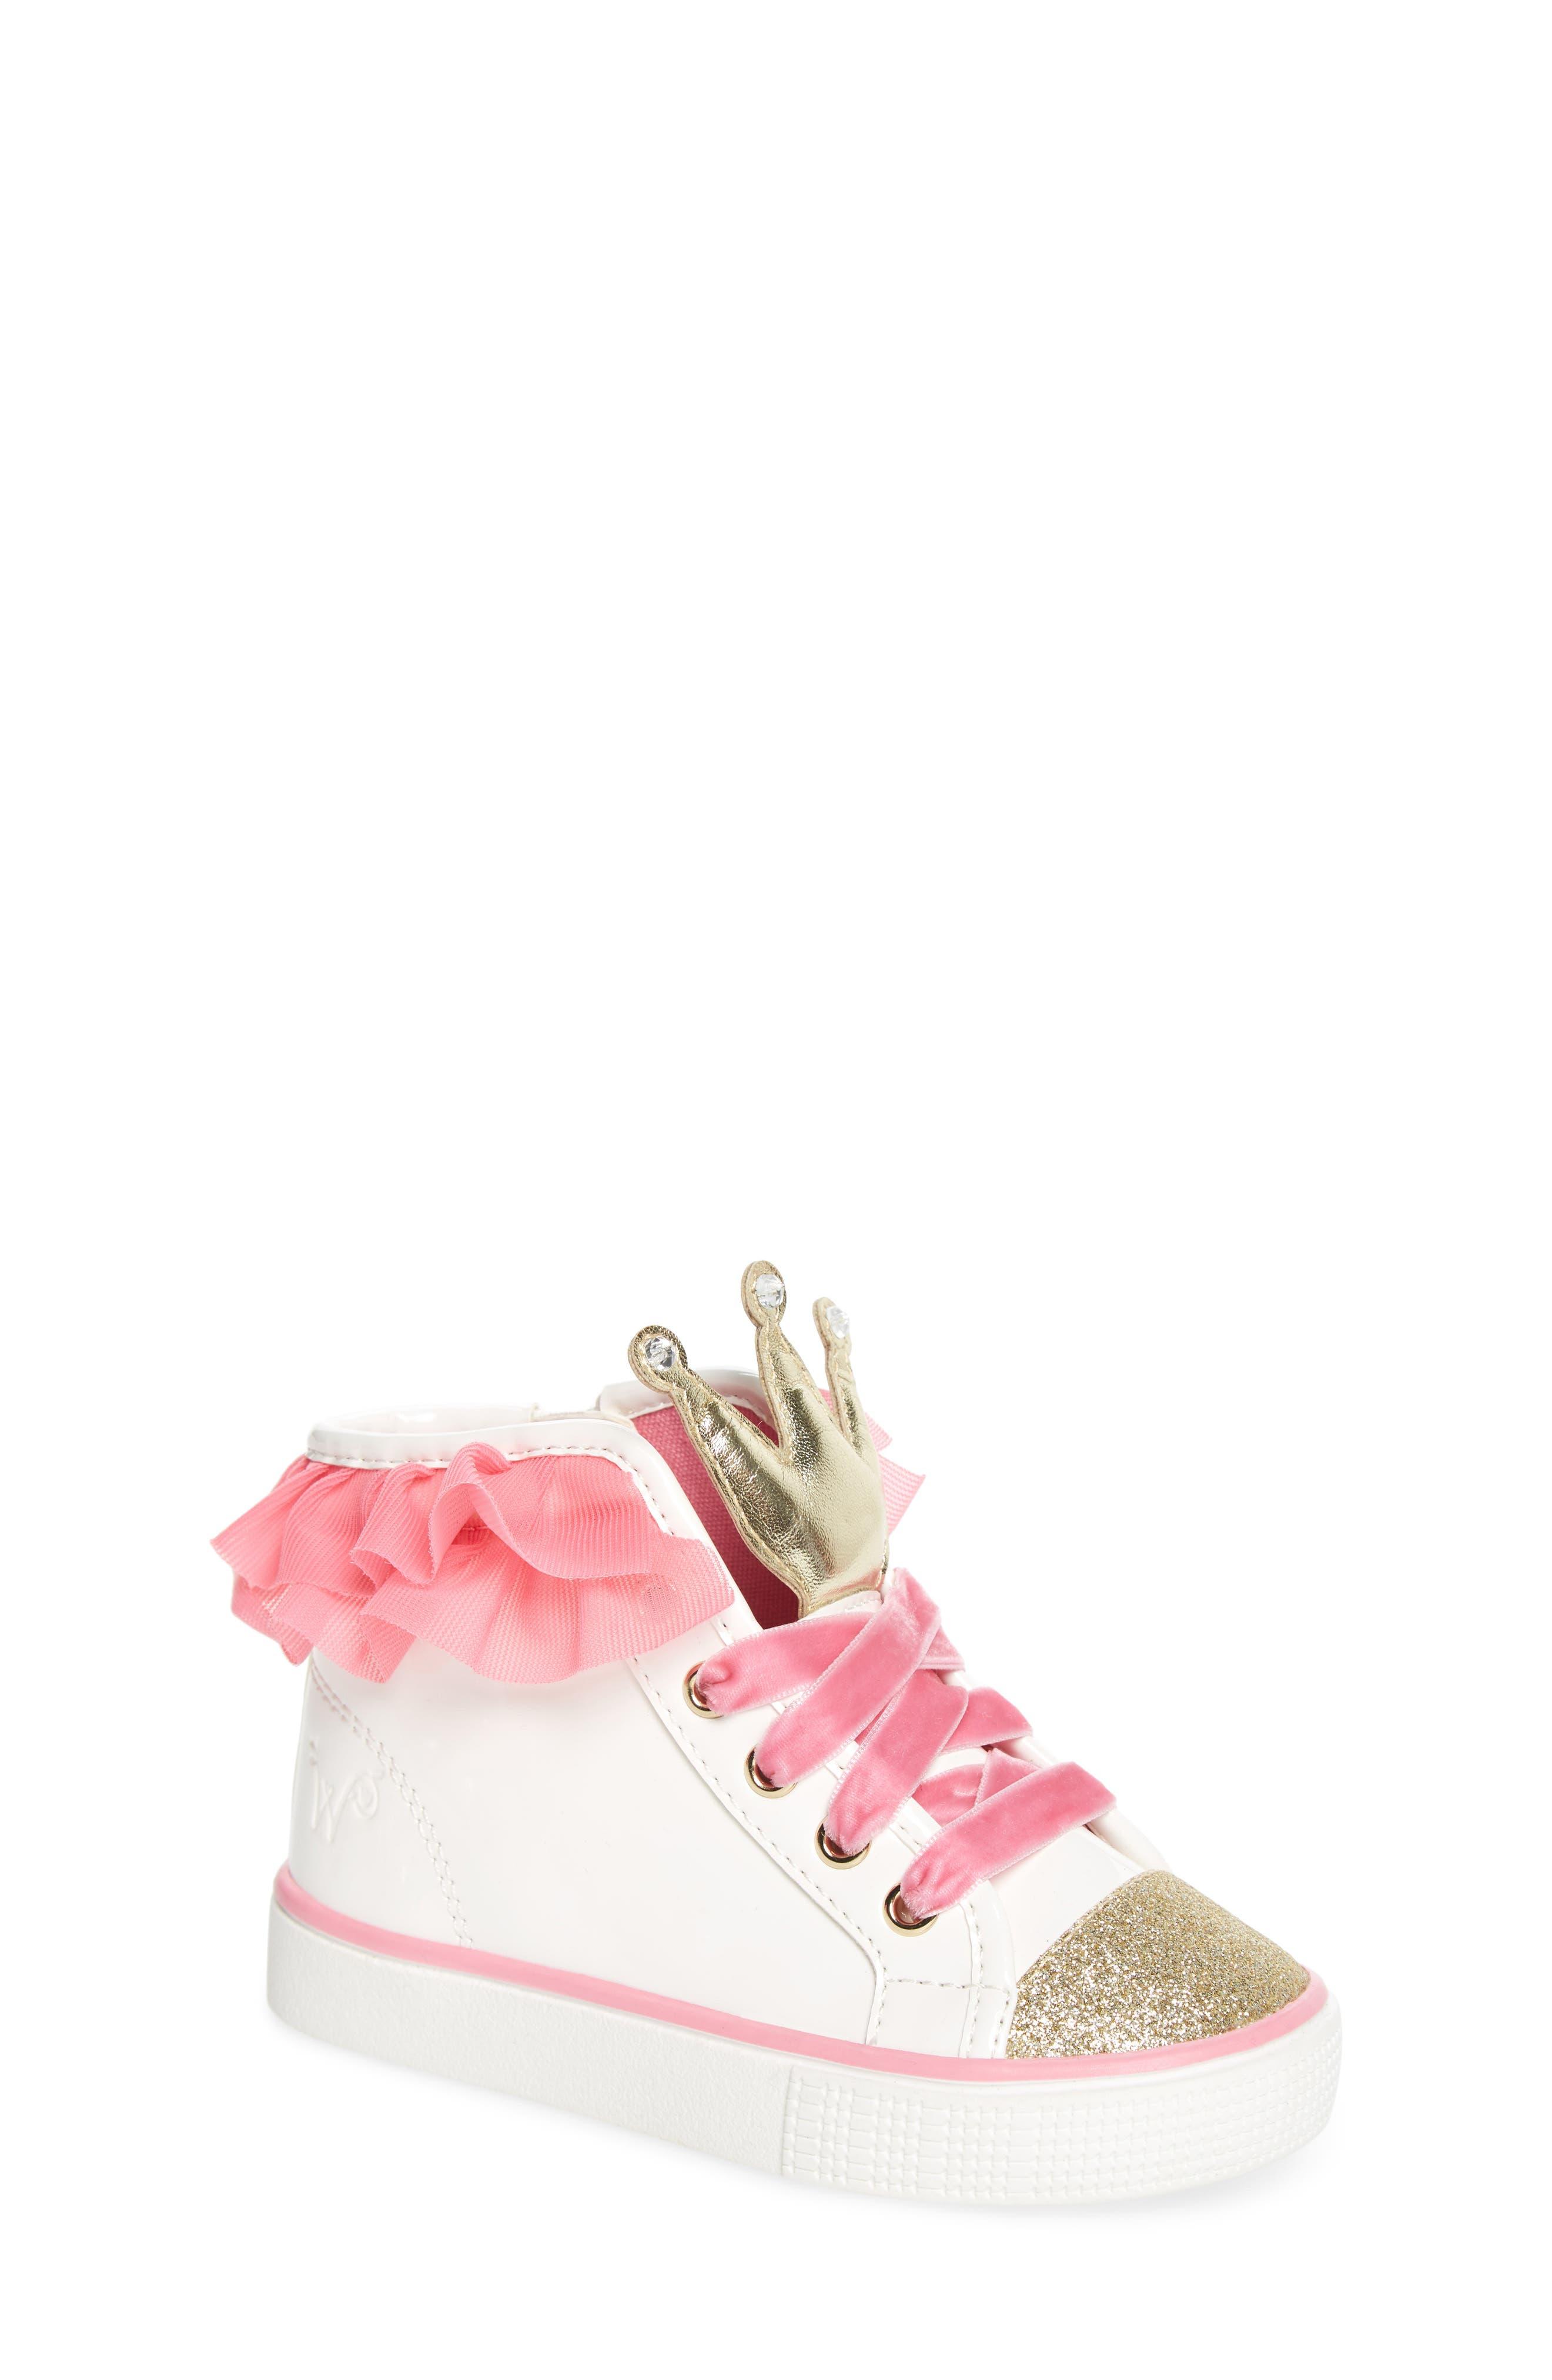 Alternate Image 1 Selected - WellieWishers from American Girl Ashlyn Crown High Top Sneaker (Walker, Toddler, Little Kid & Big Kid)